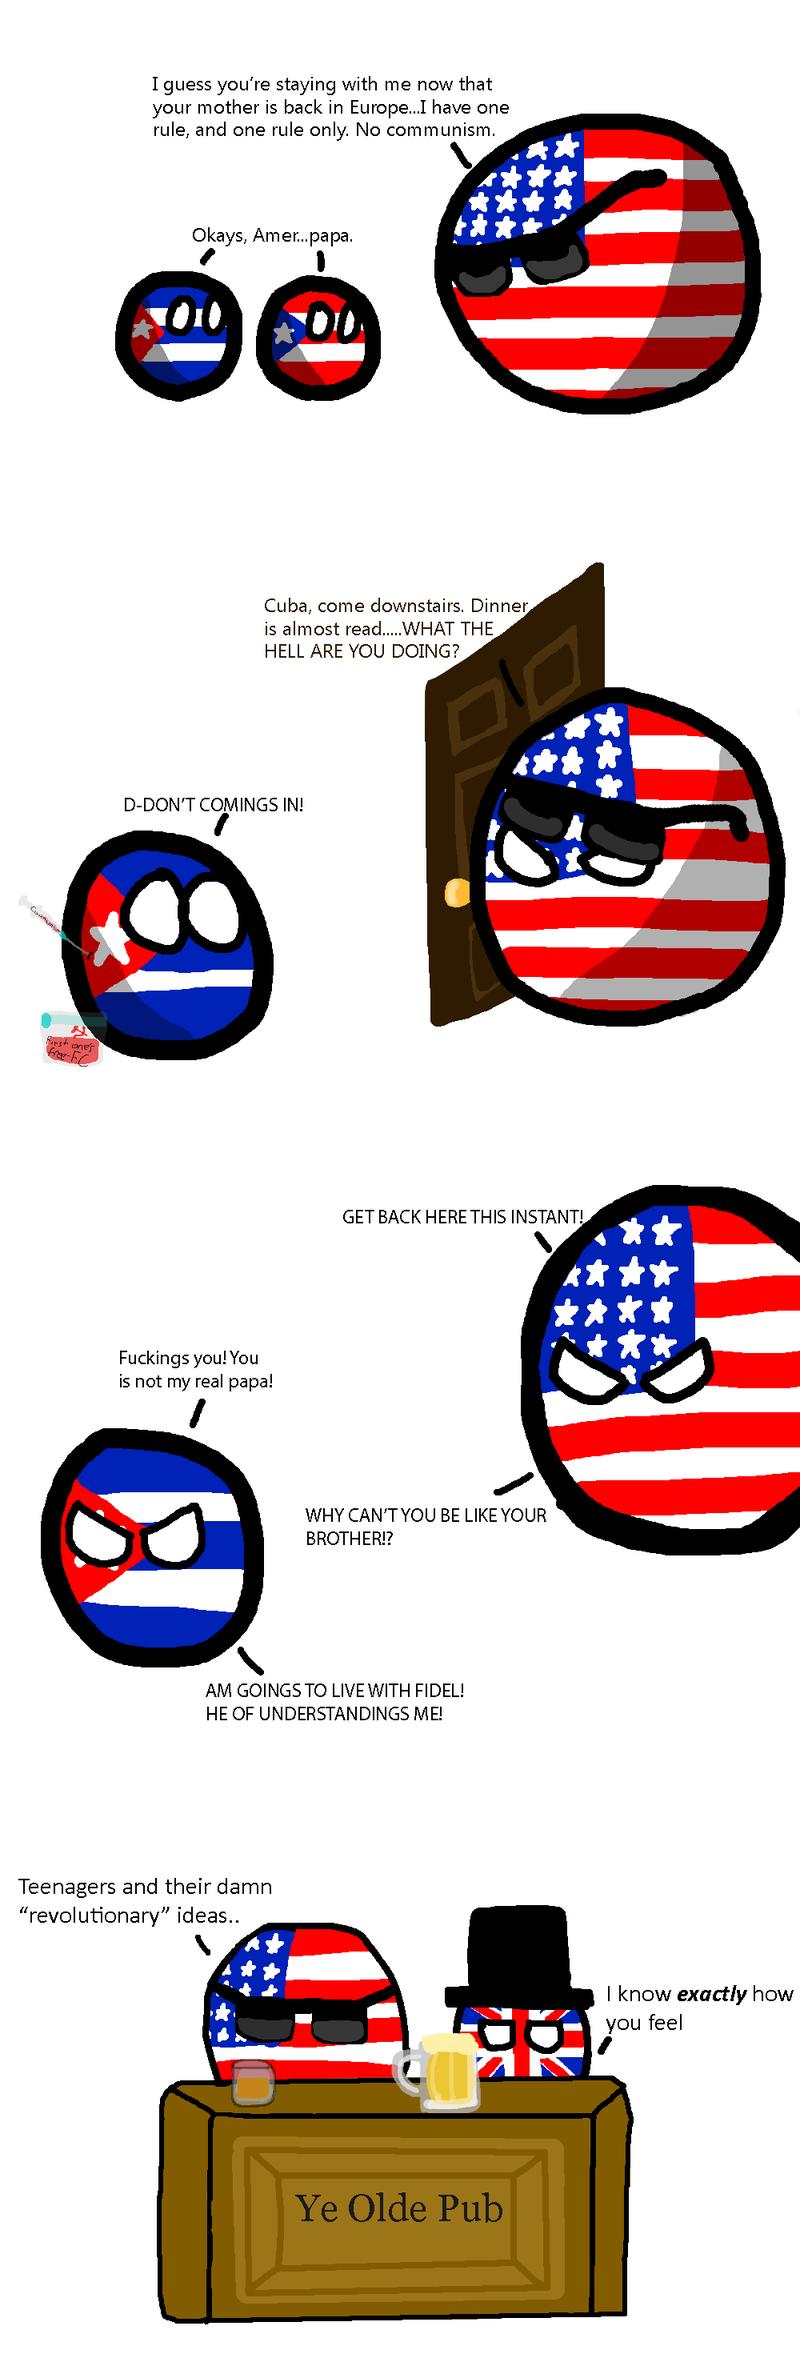 Daily Polandball: The Rebellious Phase